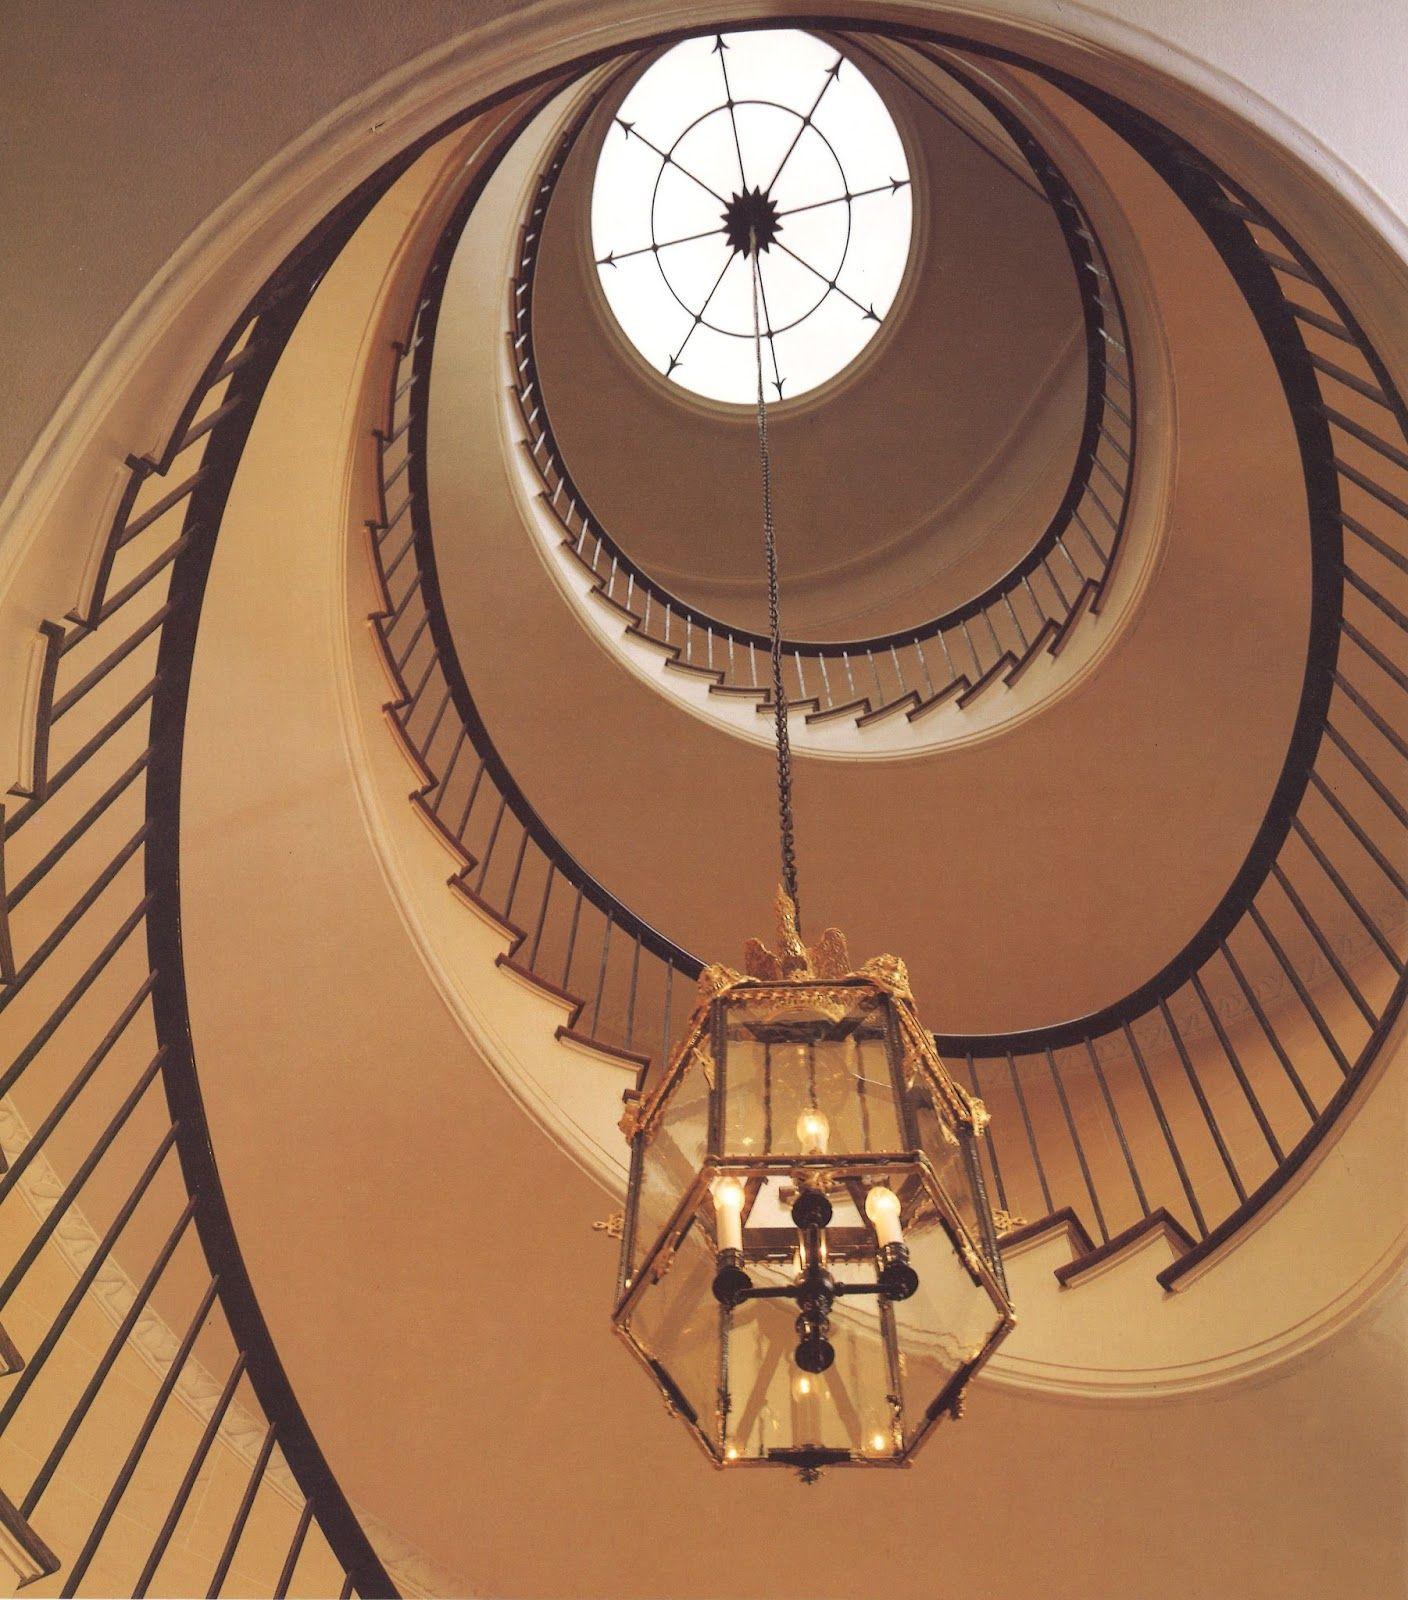 stair+at+67+east+93rd+st.jpg 1,408×1,600 pixels